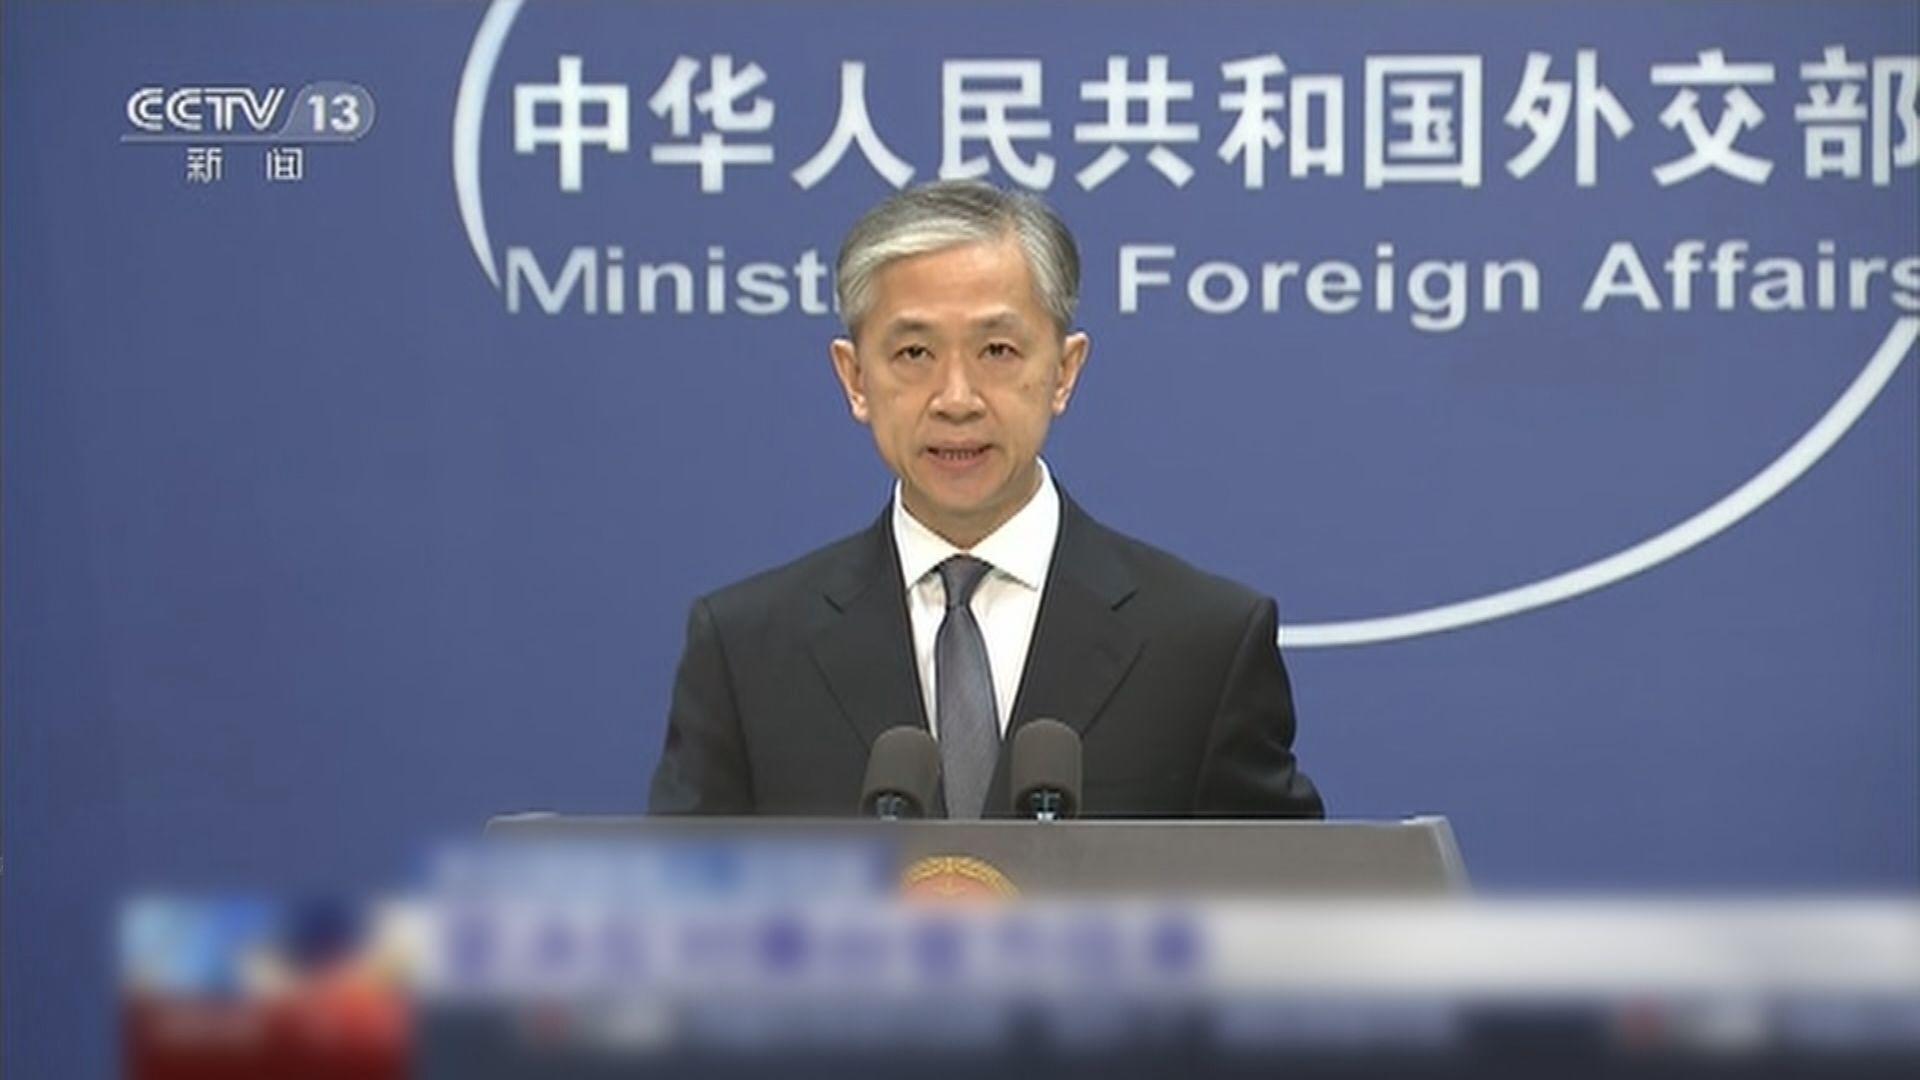 外交部指堅決反對美台官方往來 已向美方提嚴正交涉